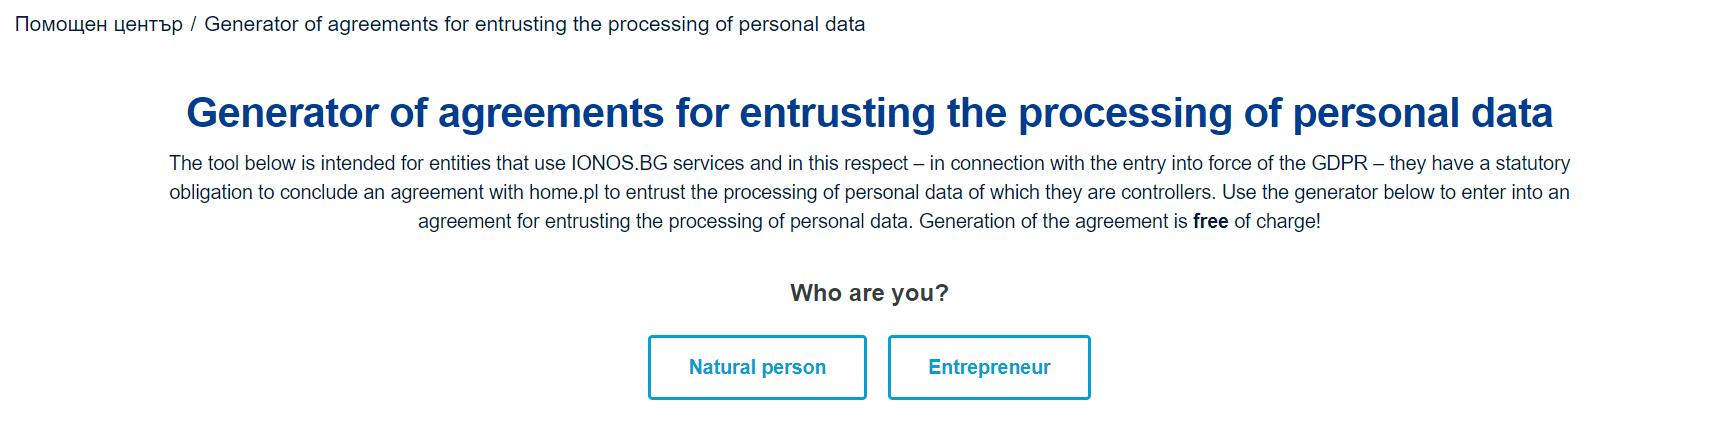 Как да сключите договор за поверяване на лични данни с ionos.bg?